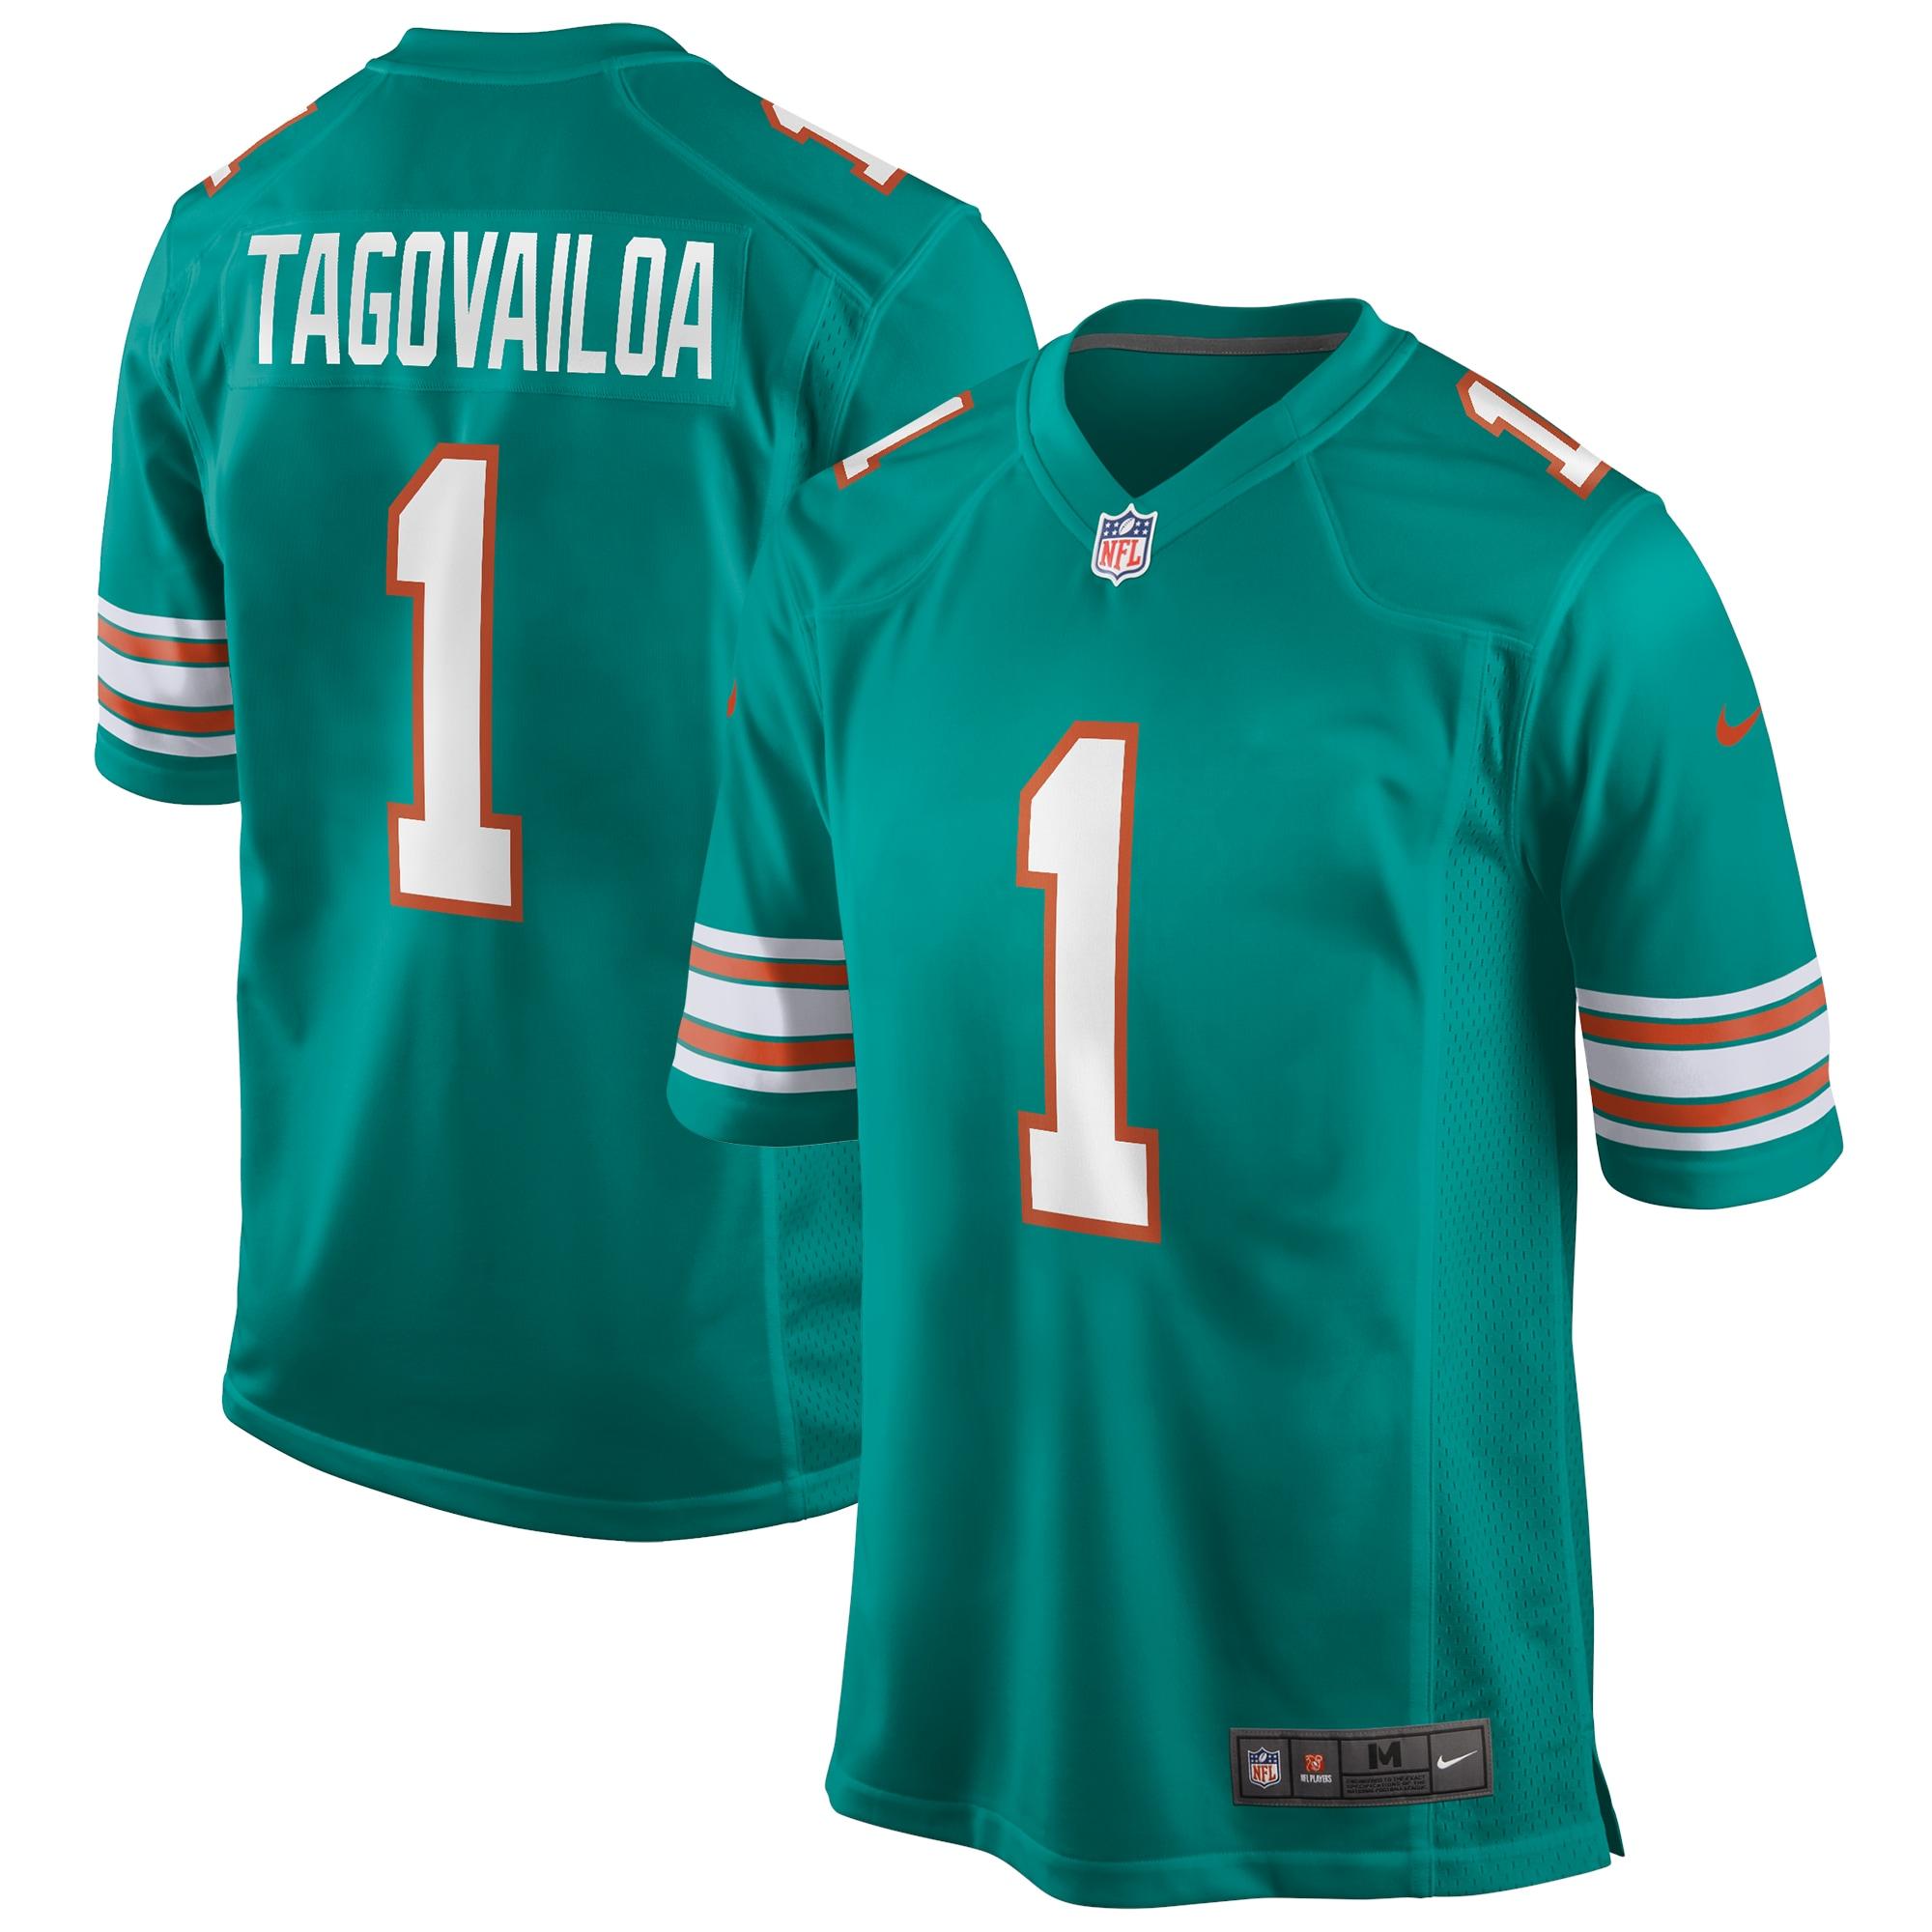 Tua Tagovailoa Miami Dolphins Nike Alternate Game Jersey - Aqua